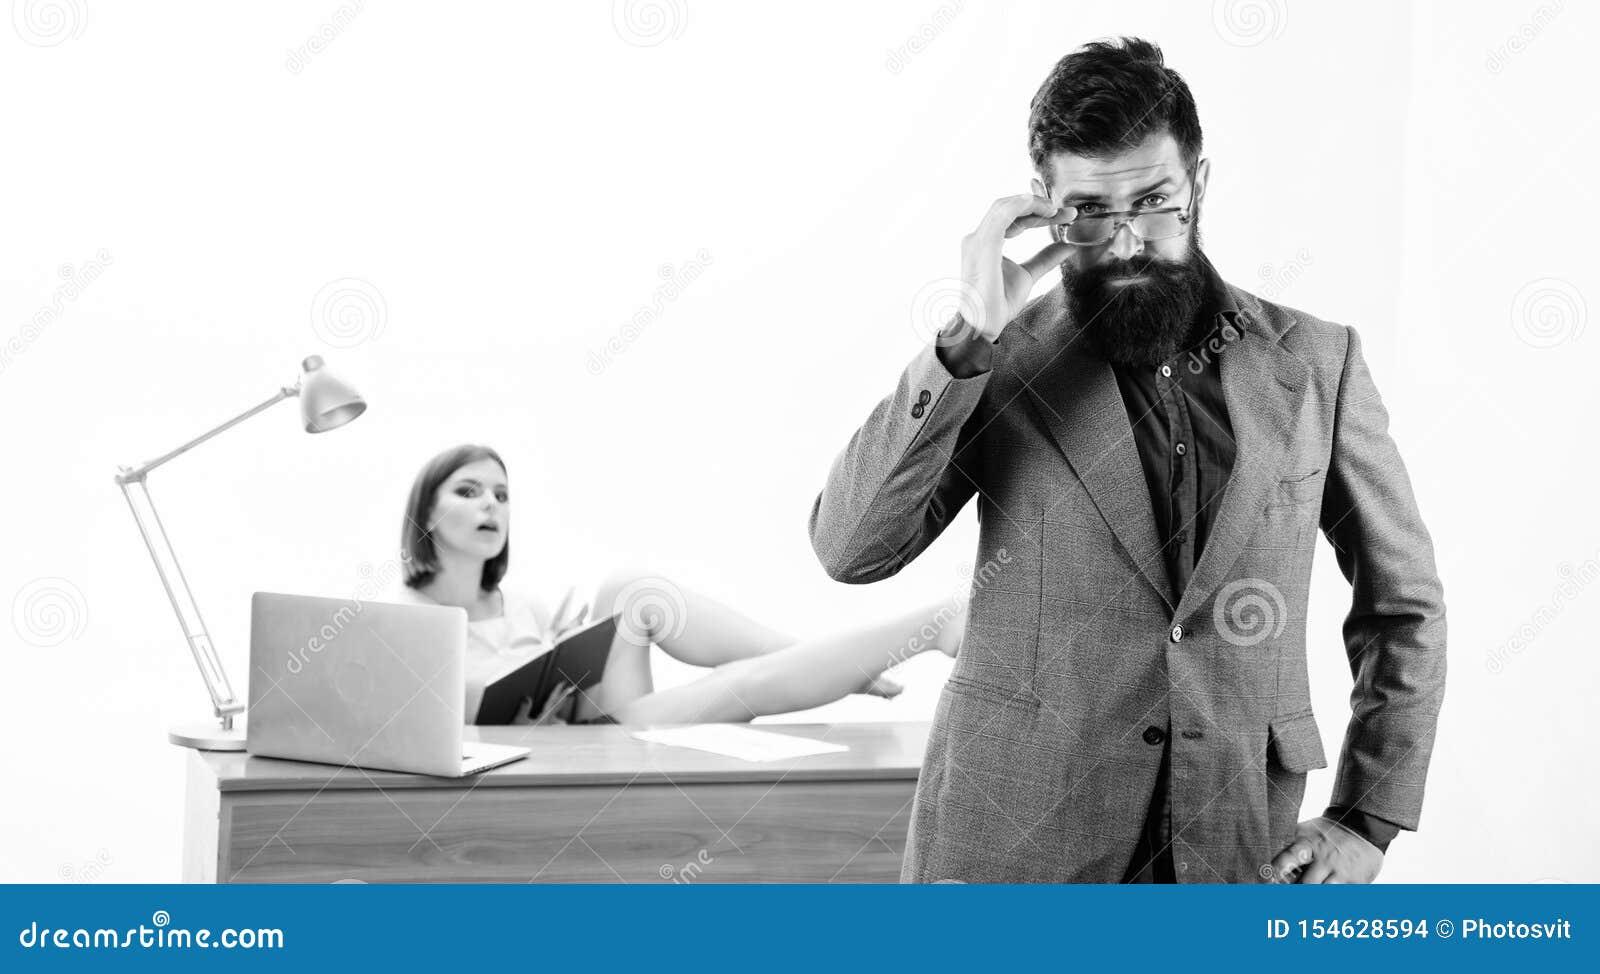 En intellektuell blick av hipsteren Hipster som fixar hans exponeringsglas medan sexig kvinna som arbetar i bakgrund Sk?ggig hips